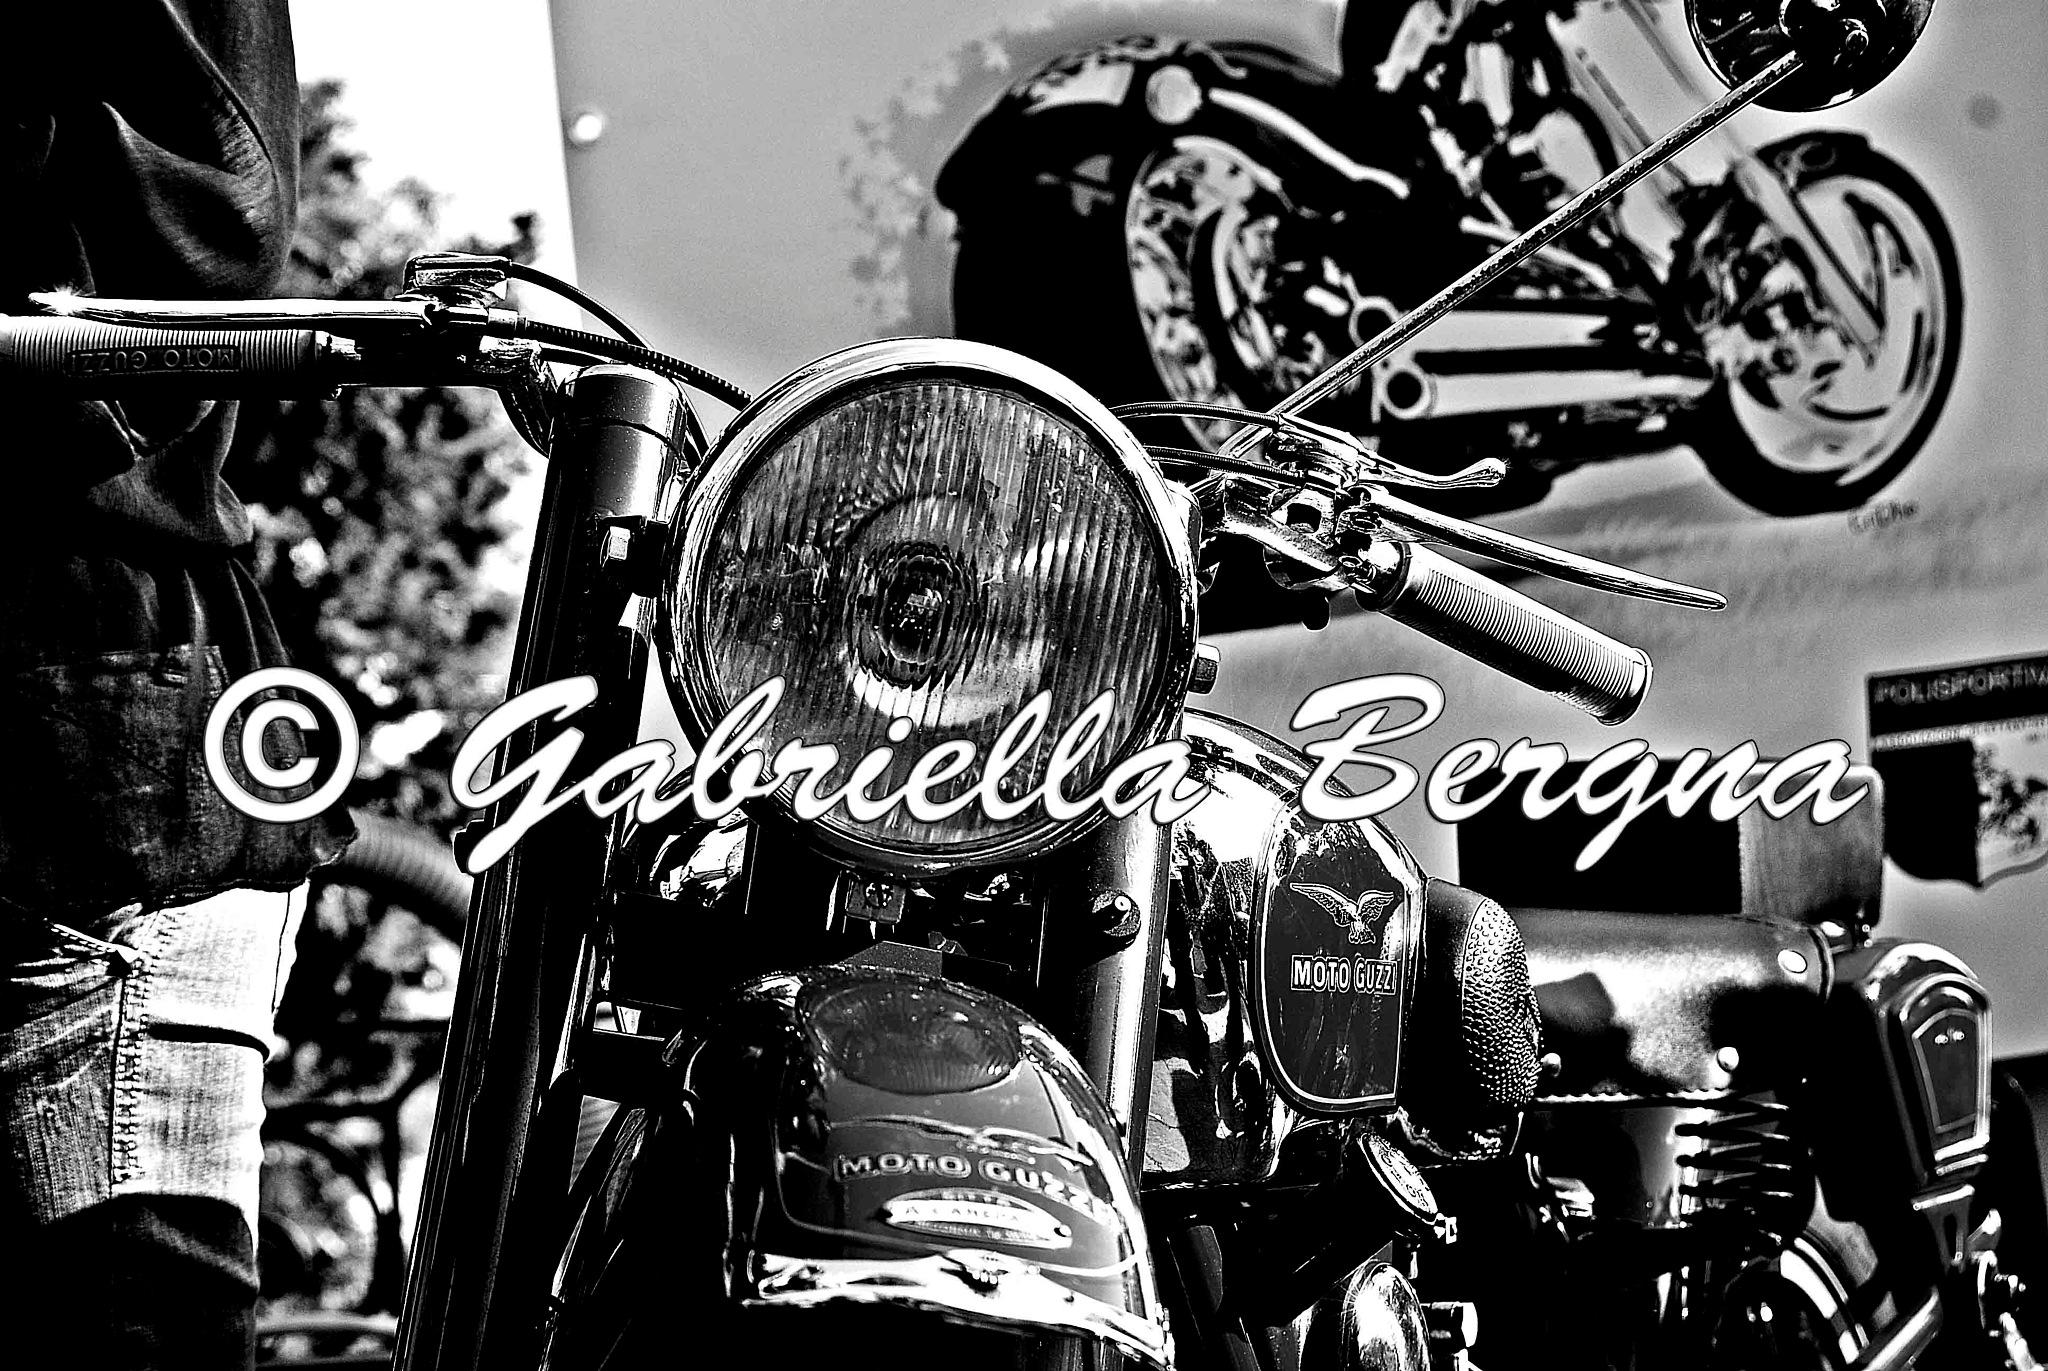 Moto Guzzi by Gabriella Bergna